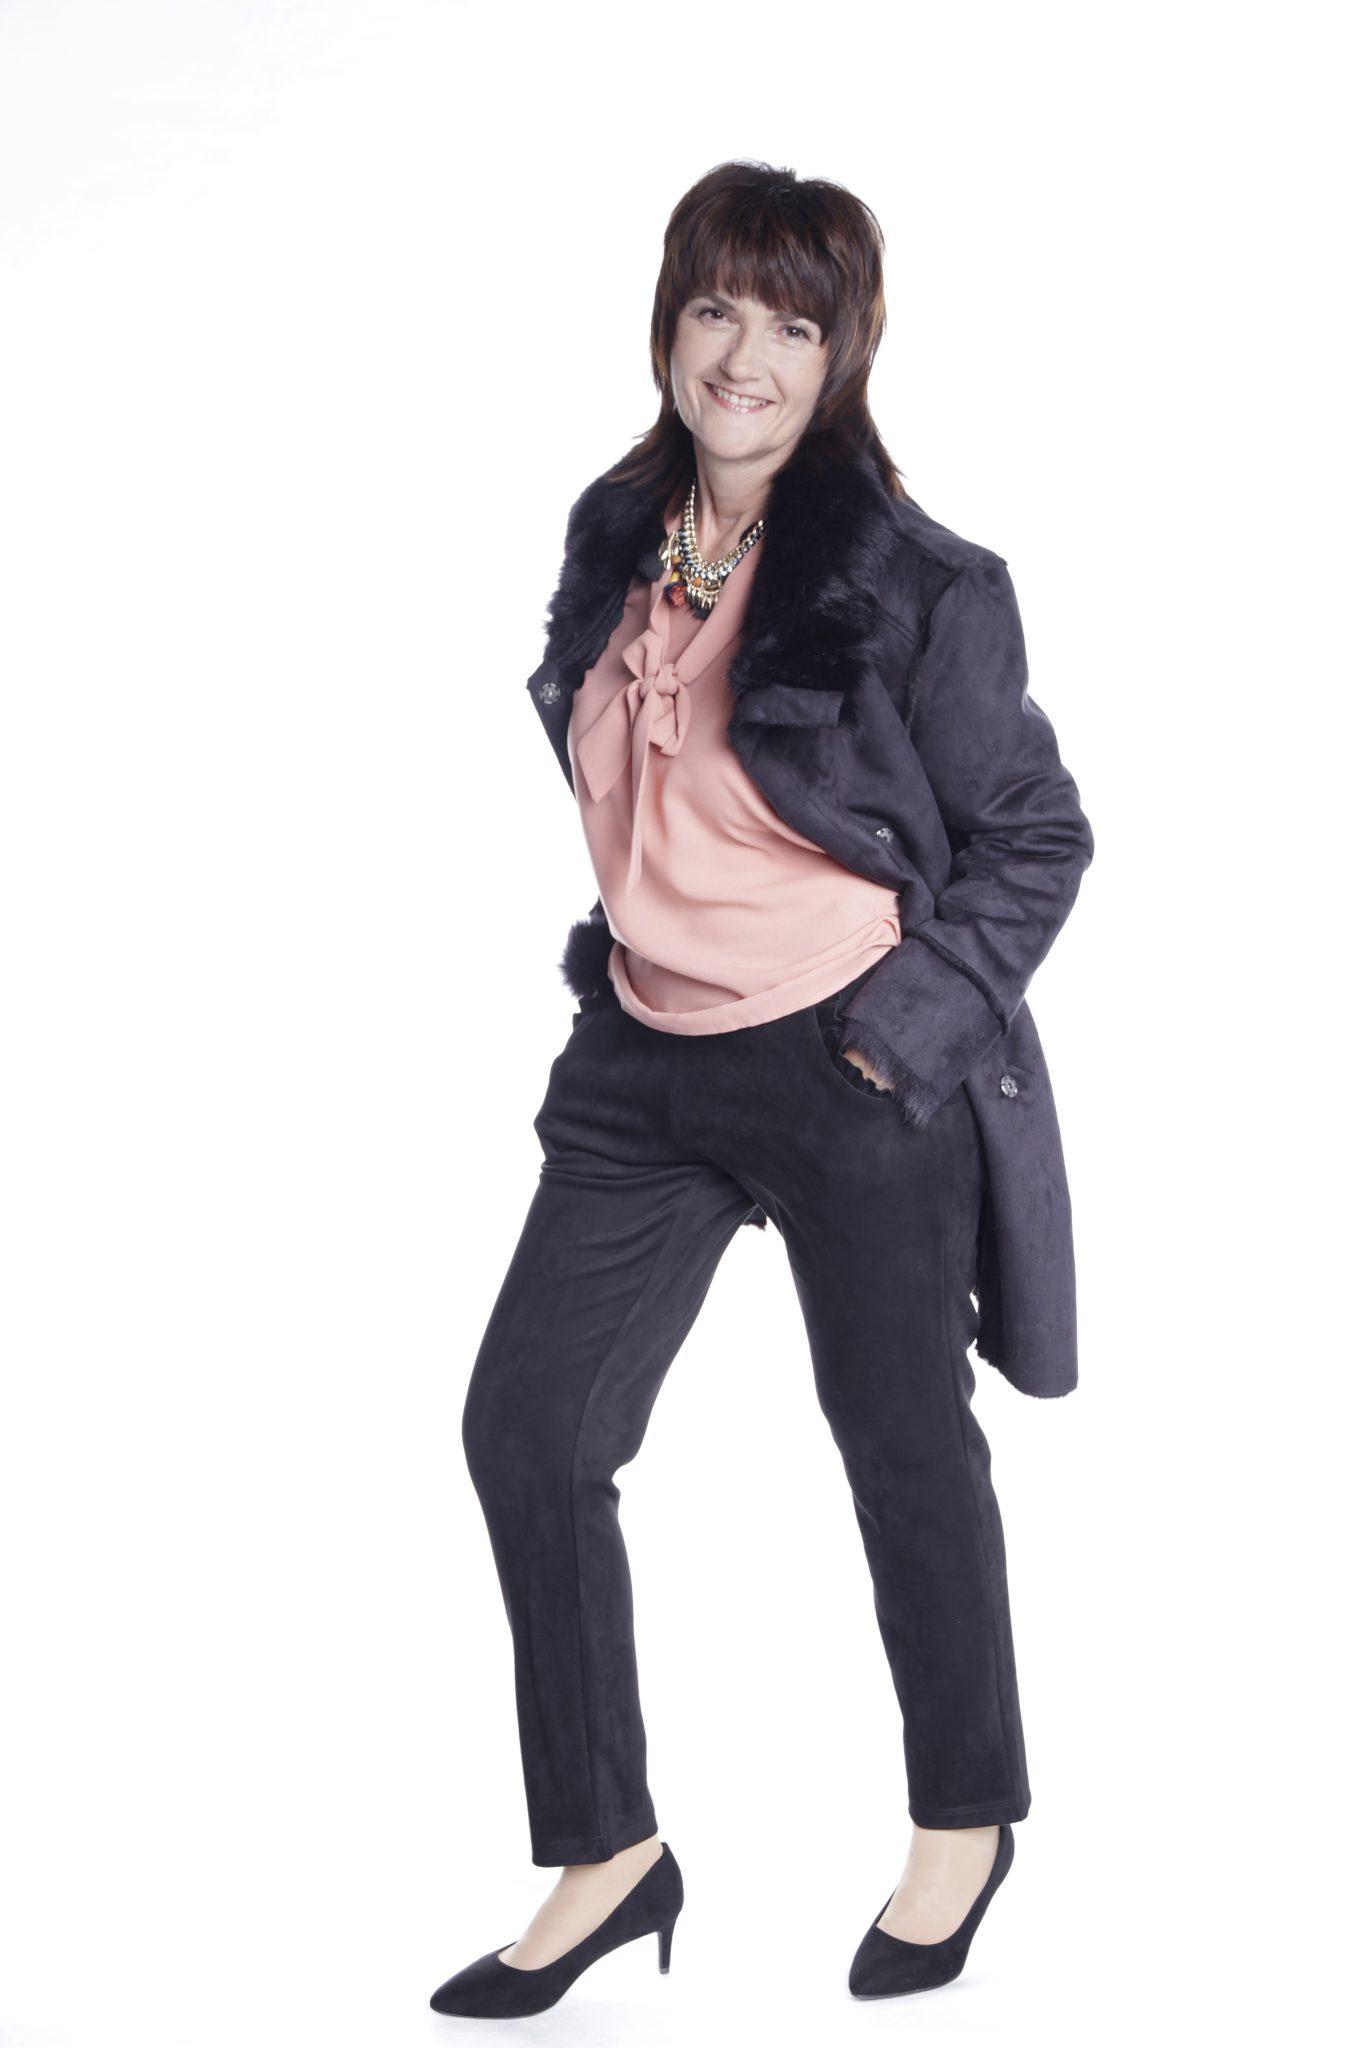 Frau beim Fotoshooting mit Mantel, Hose und Bluse